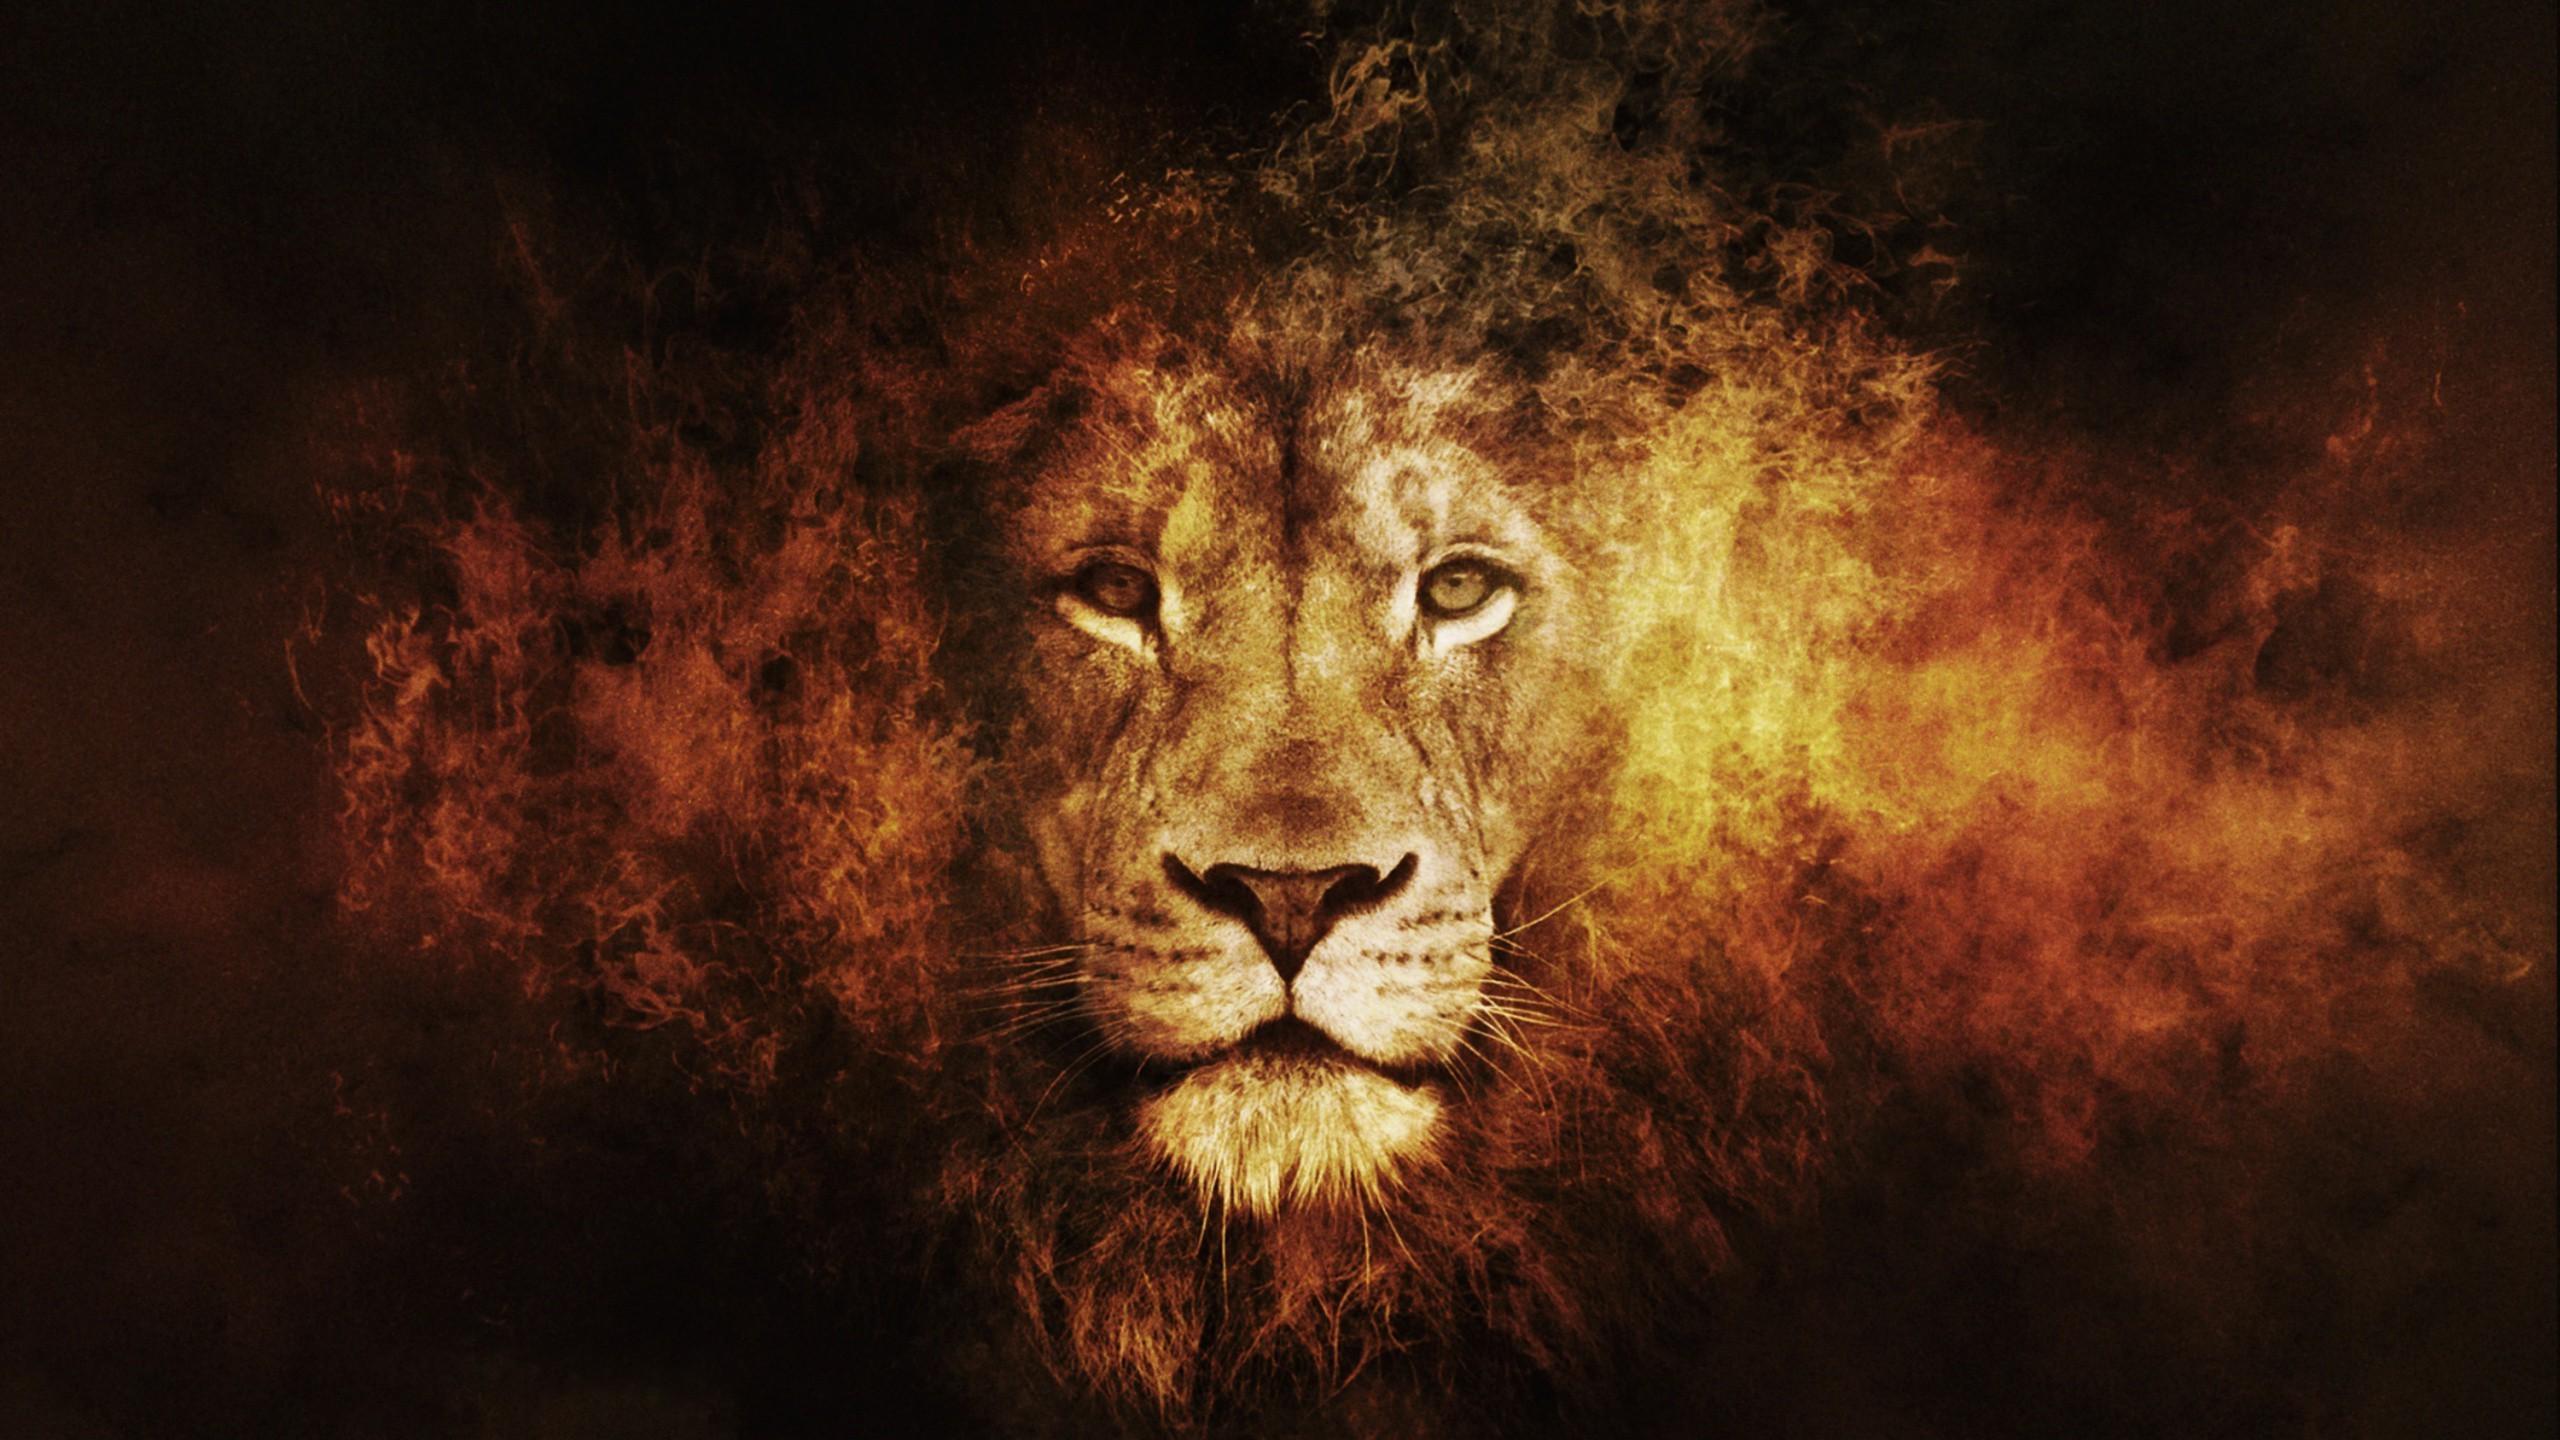 Fond Décran Lion Gros Chats Obscurité 2560x1440 Px